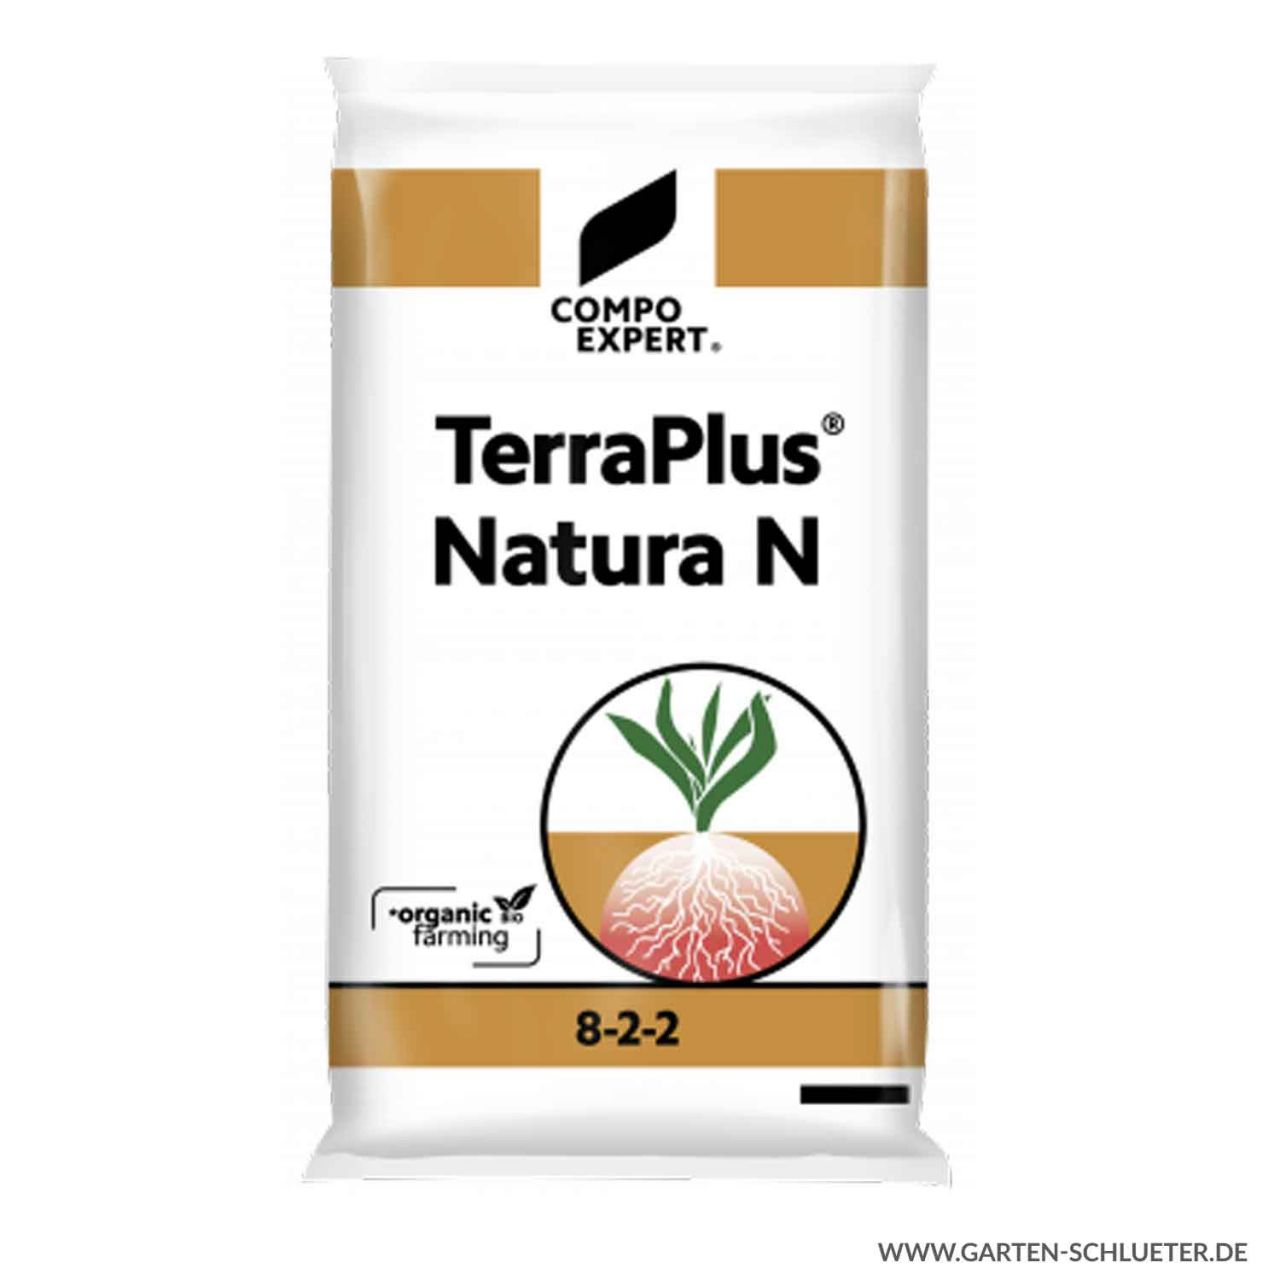 Rein organischer Stickstoffdünger - Compo Expert® TerraPlus® Natura N 8-2-2 -...